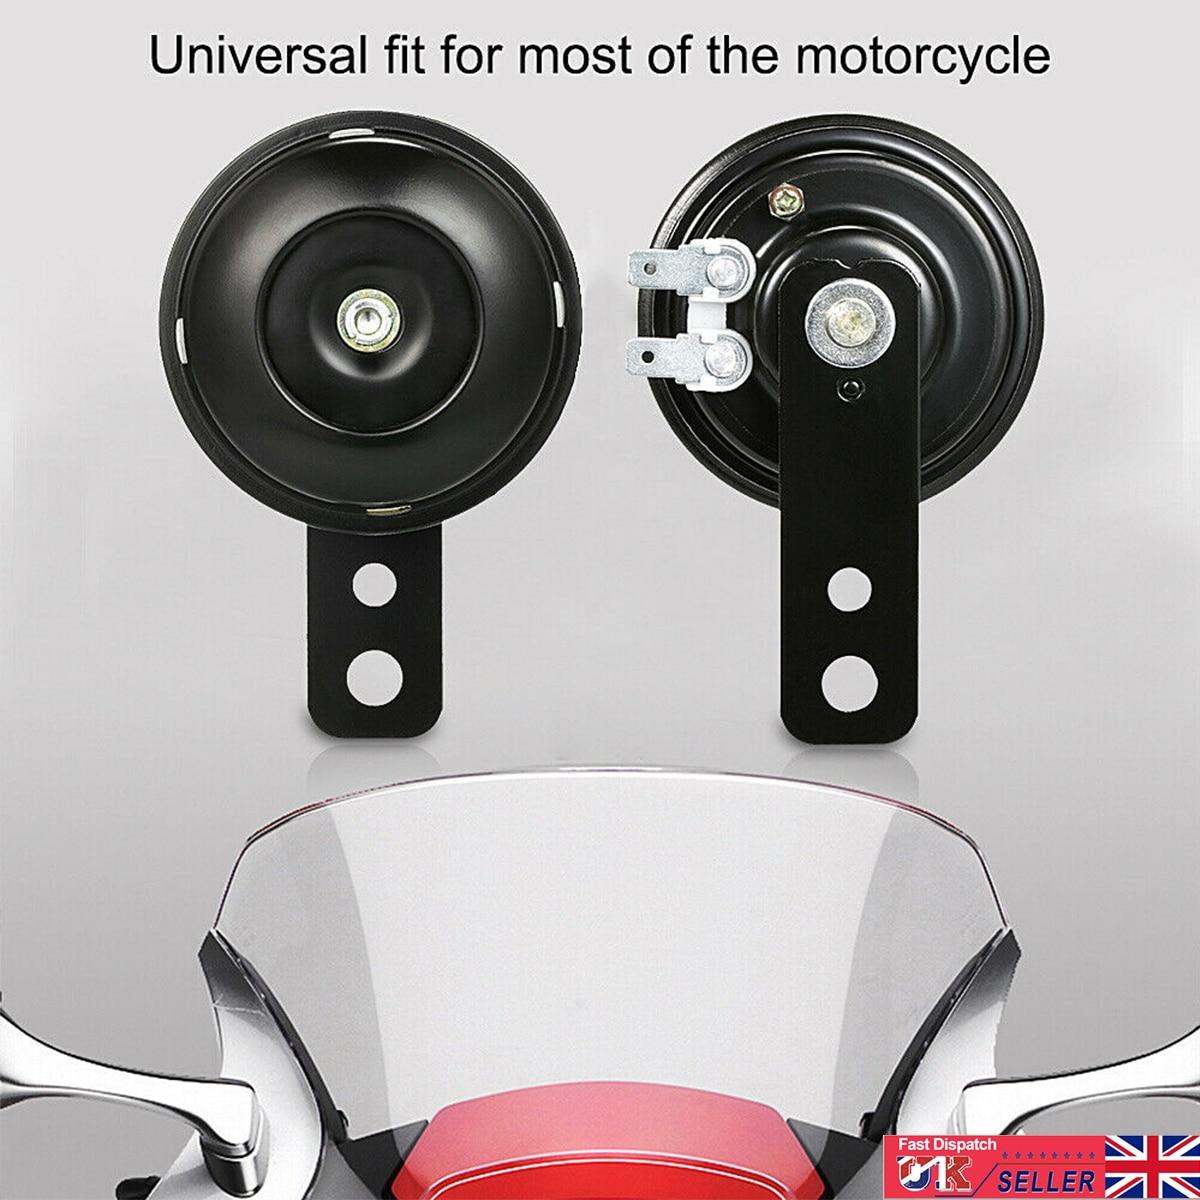 Универсальный клаксон мотоцикла 12 в супер громкий 105 дБ 70 мм A24 для скутера мопеда Dirt Bike ATV Go-Kart Dirt Bike Pocket Bikes